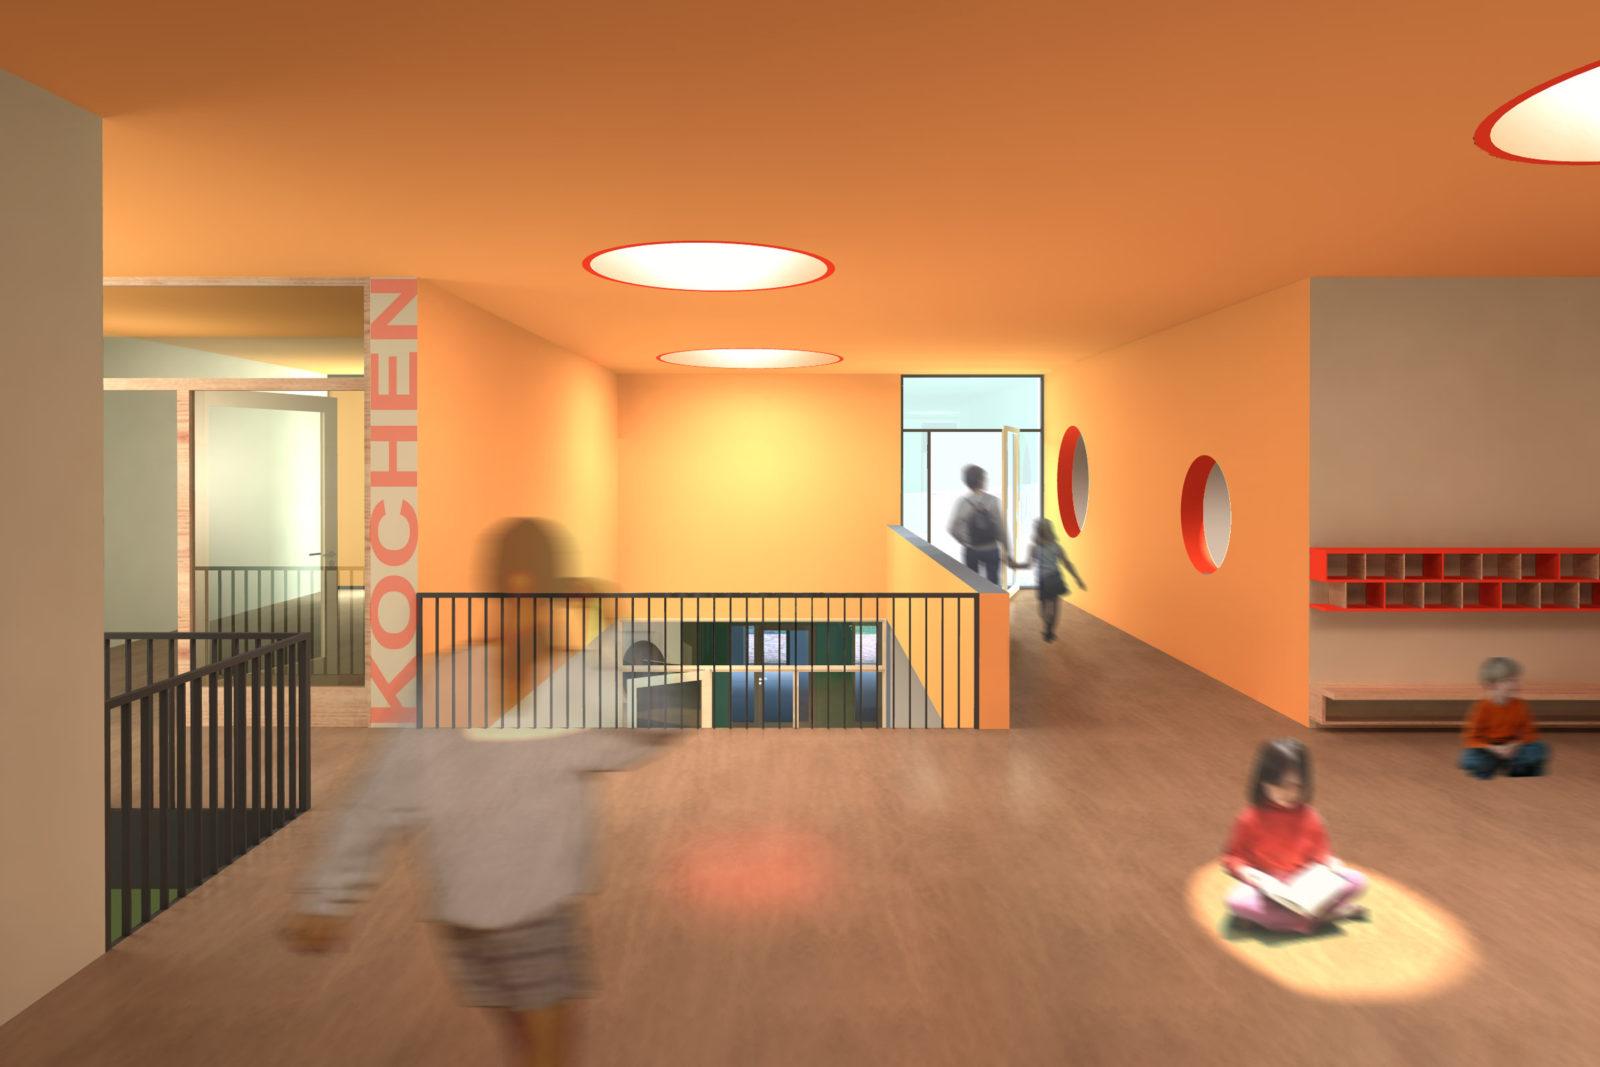 Wettbewerb Kinderhaus Struppen - Blick vom Flurbereich Hort in der Freibereich und das Foyer